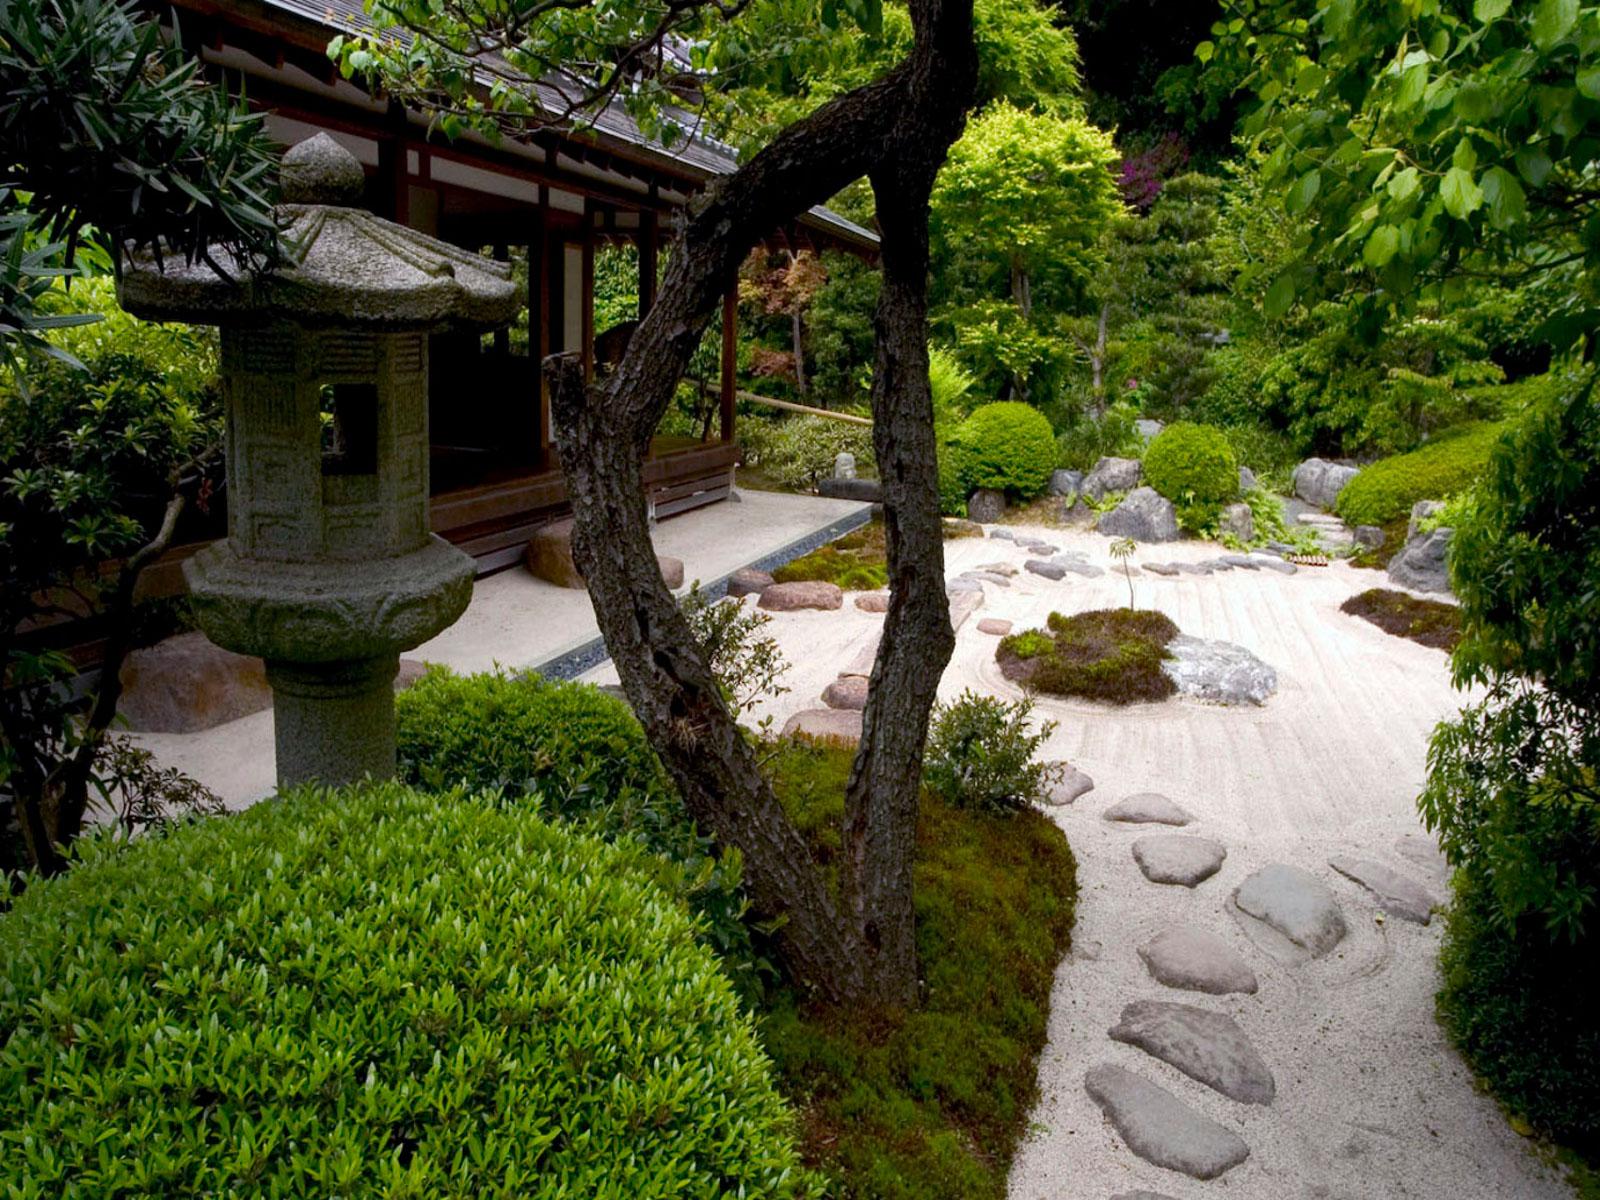 Zen Garden Wallpaper Hd - Wallpaper Pictures Gallery